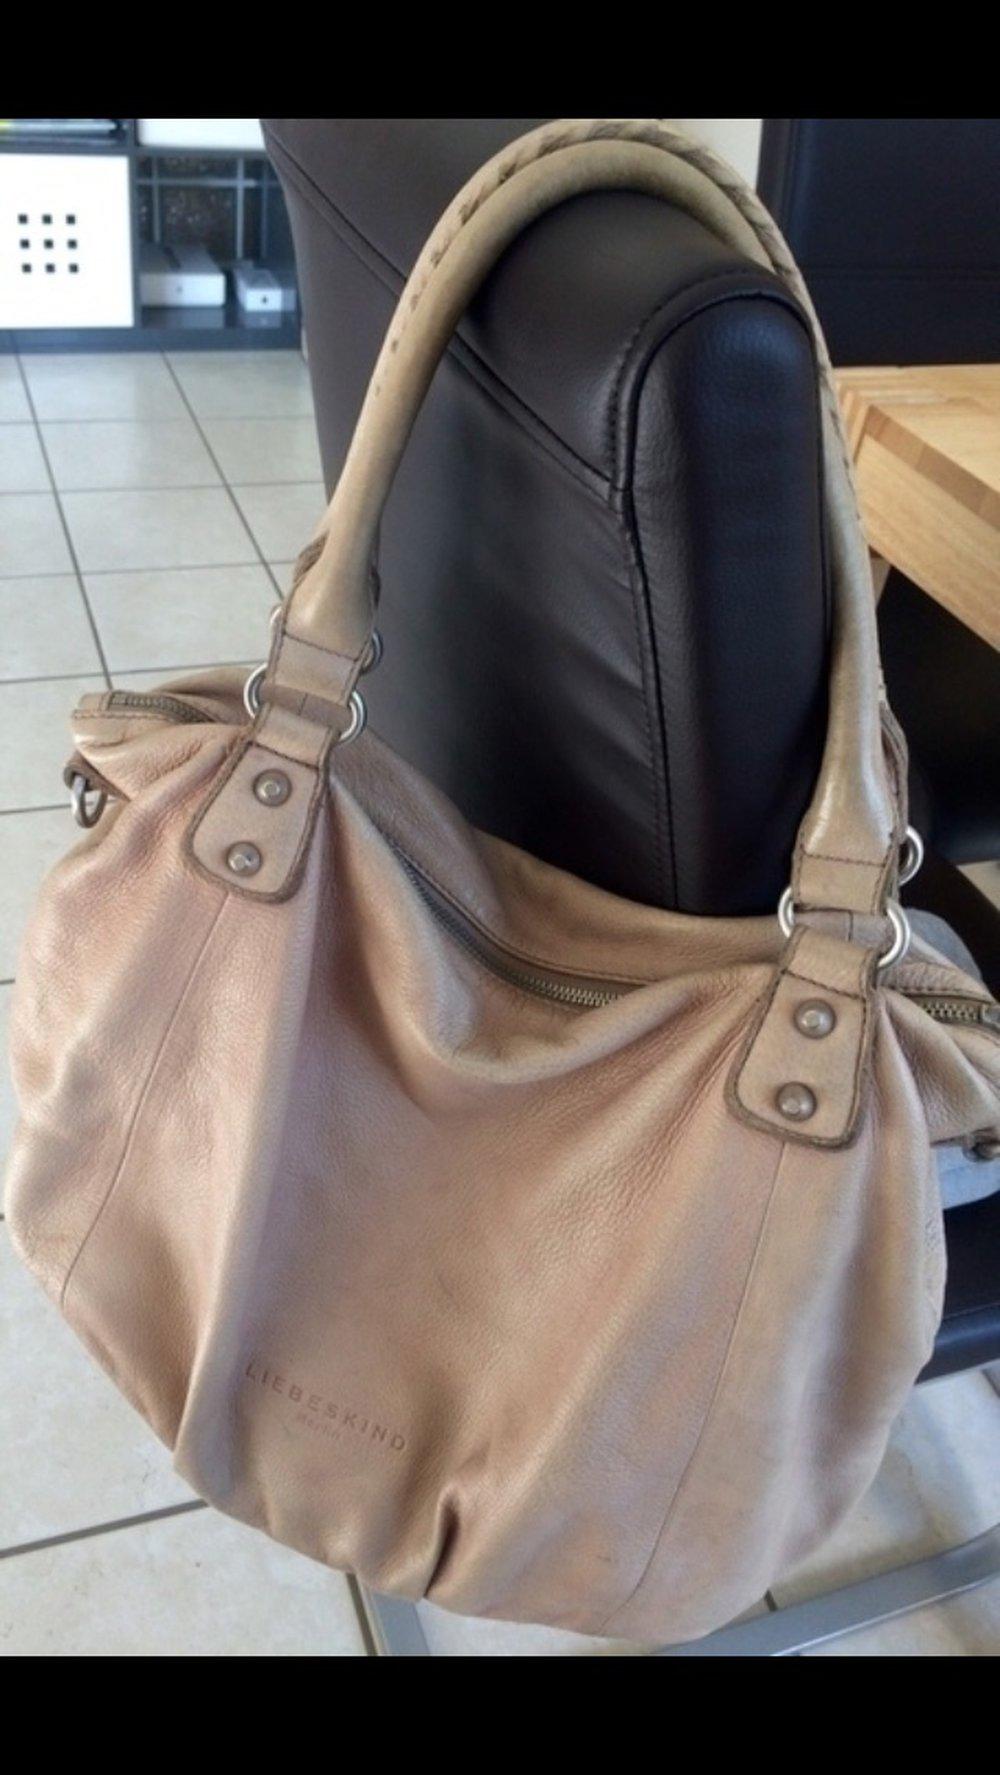 ... Liebeskind Tasche, Greta Vintage Stone, Leder beige  nude ... 1520df28cd